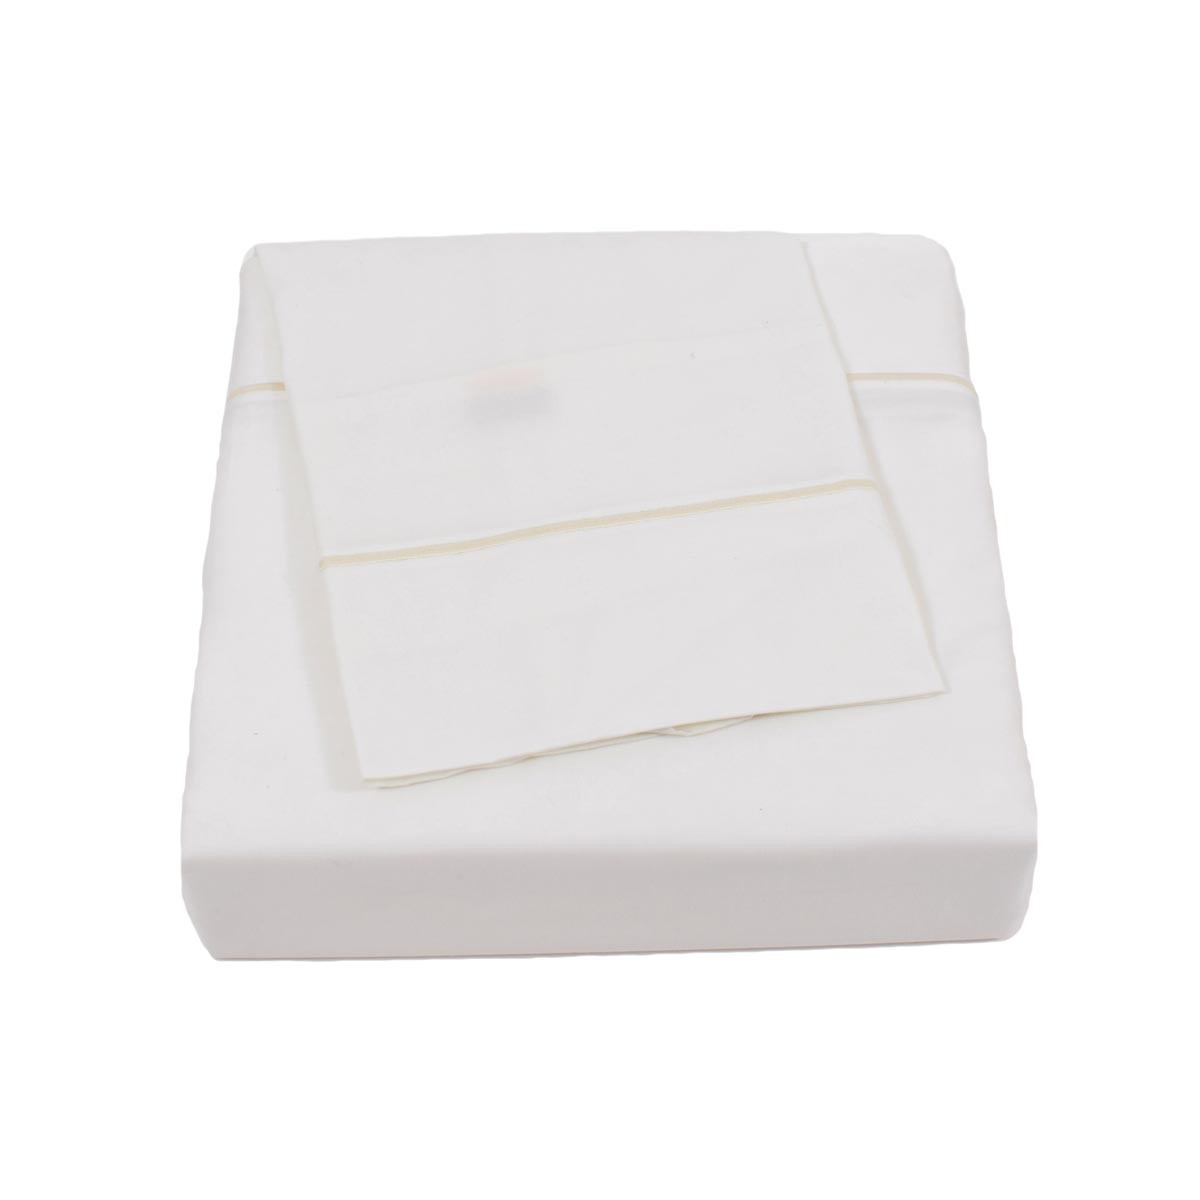 Σεντόνια Υπέρδιπλα (Σετ) BW Satin Cotton White